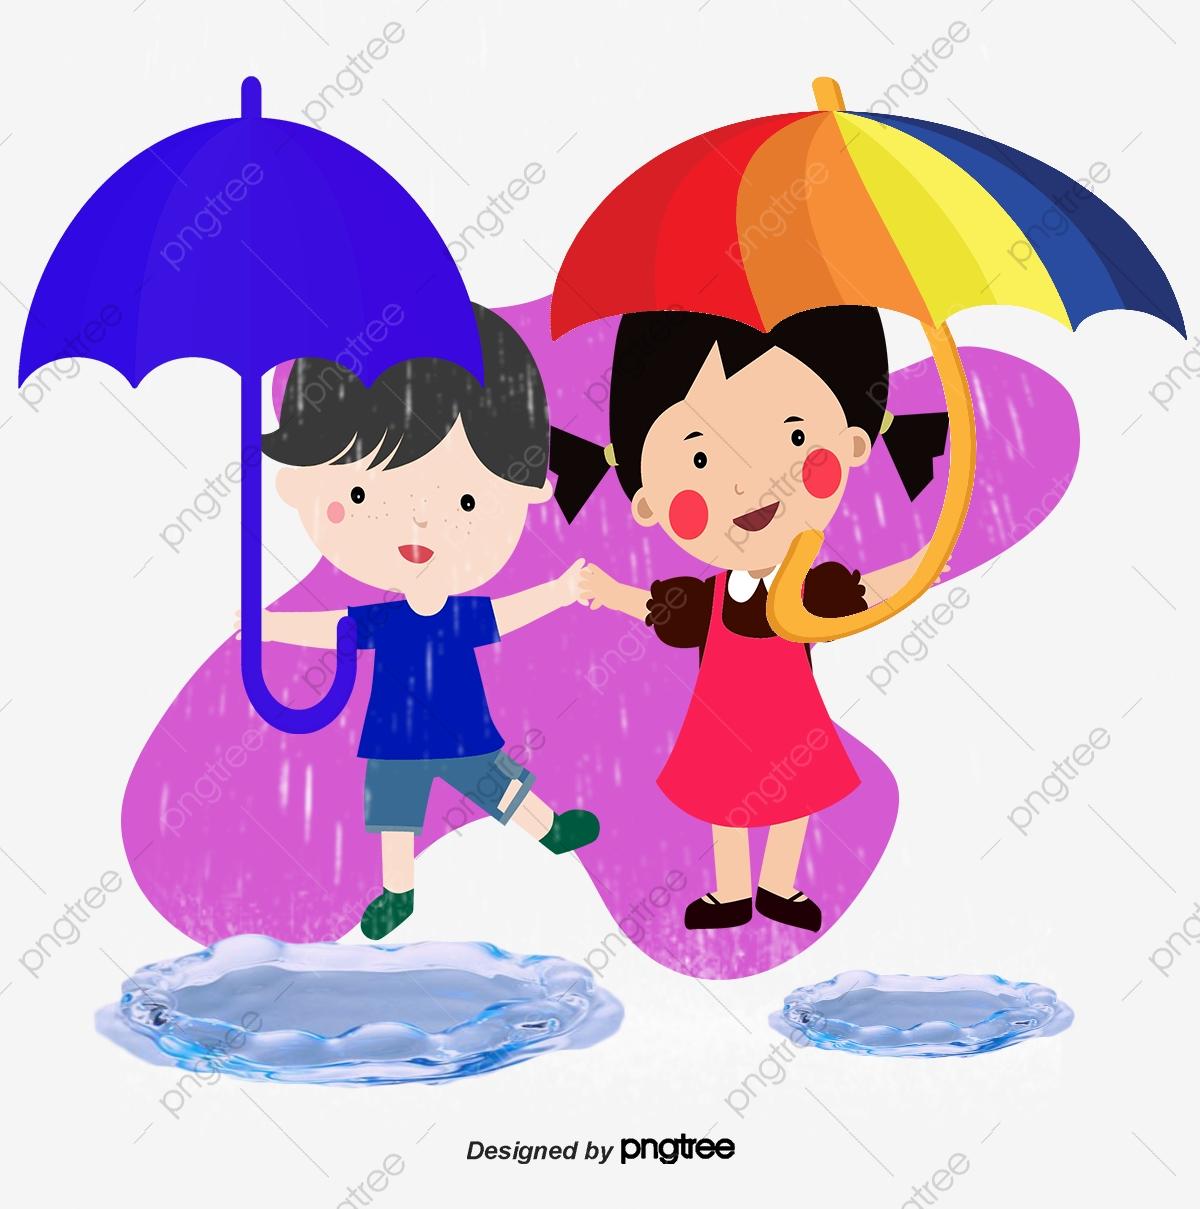 مظلة المطر كارتون الأطفال قصاصات فنية من الأطفال ناقلات المطر ناقلات مظلة Png وملف Psd للتحميل مجانا